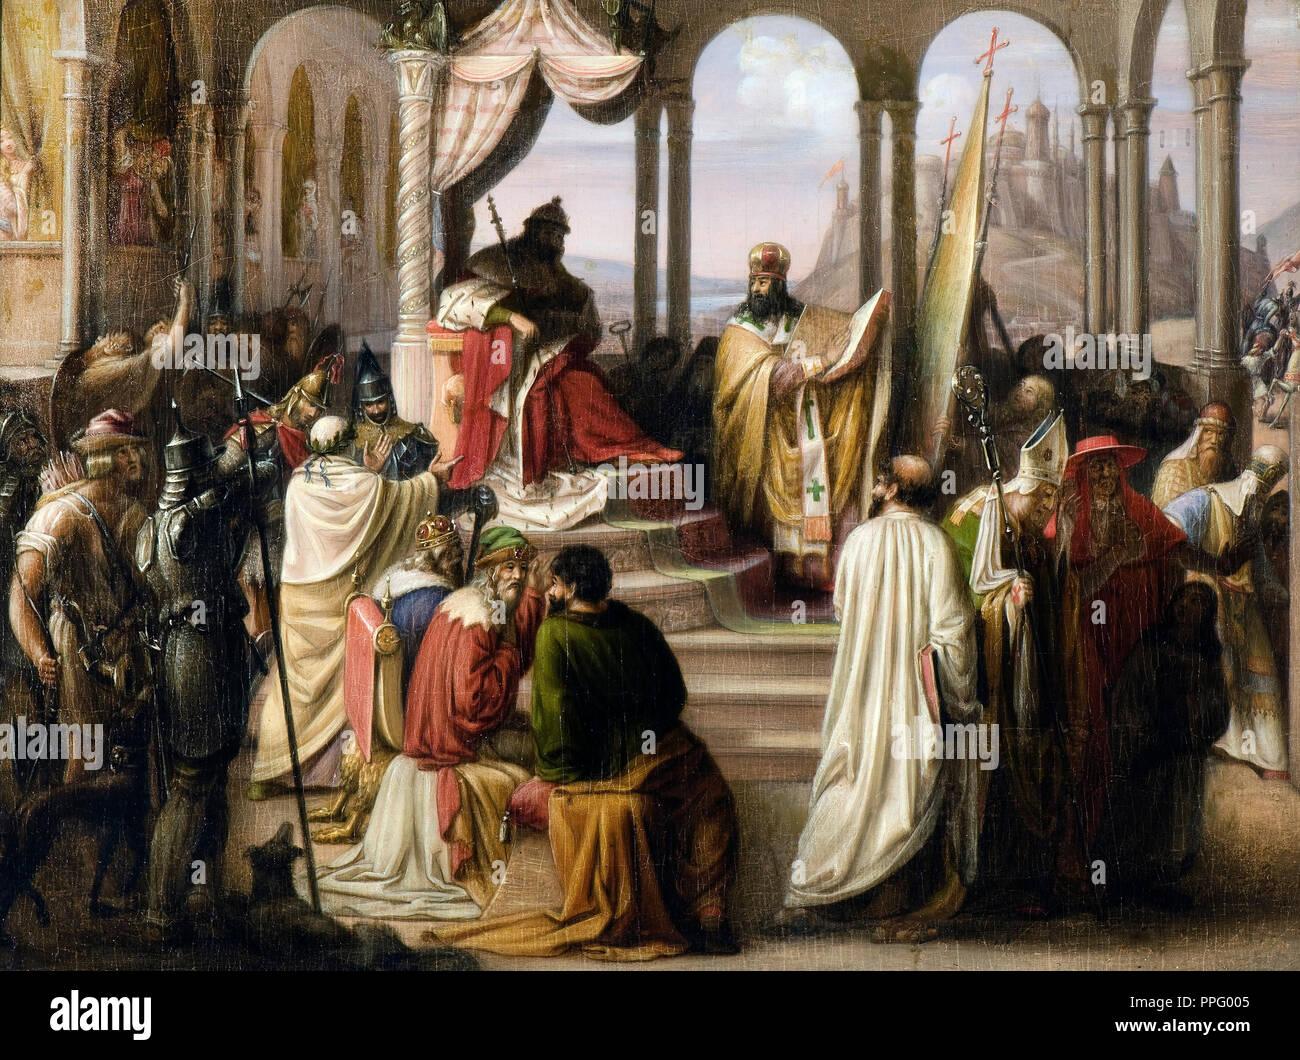 Johann Leberecht Eggink - Prince Vladimir choisit une religion en 988. / Un différend religieux à la cour de Russie. 1822 Huile sur toile. National Letton Photo Stock